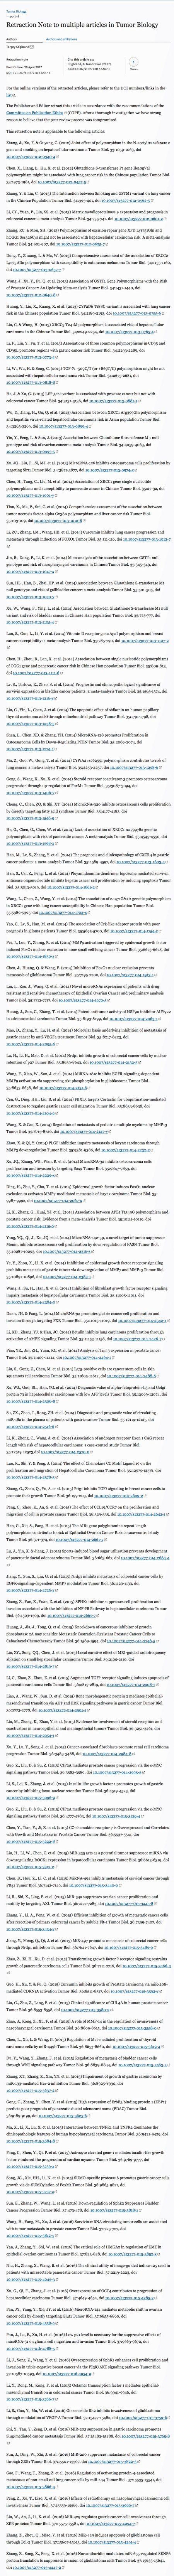 斯普林格所提供的论文造假名单。(截图)